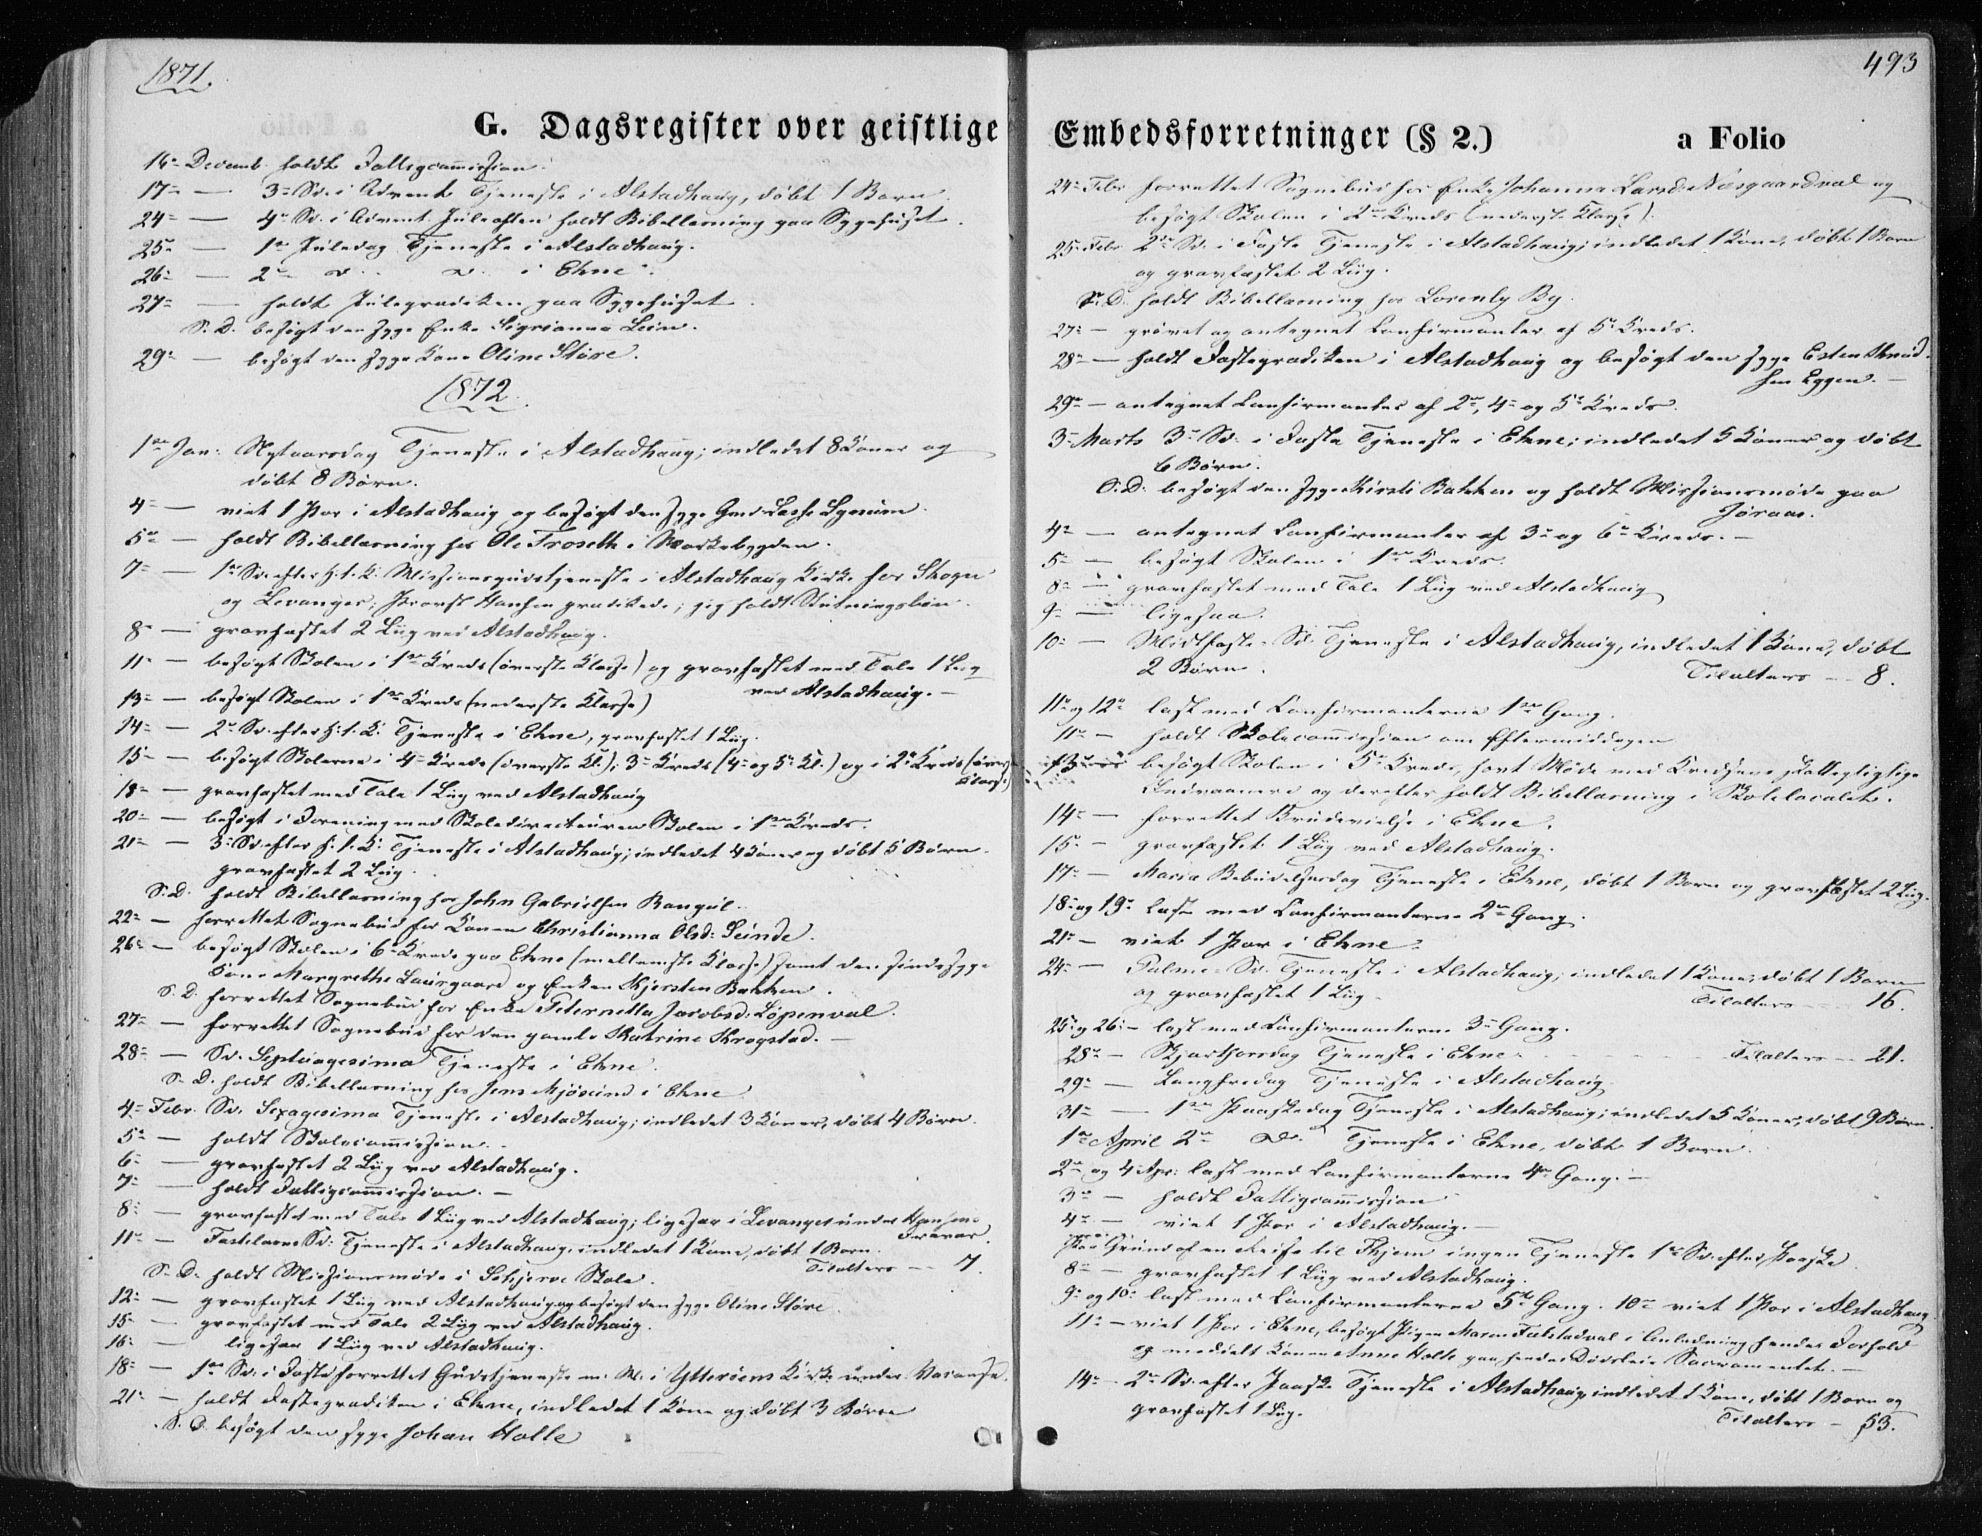 SAT, Ministerialprotokoller, klokkerbøker og fødselsregistre - Nord-Trøndelag, 717/L0157: Ministerialbok nr. 717A08 /1, 1863-1877, s. 493